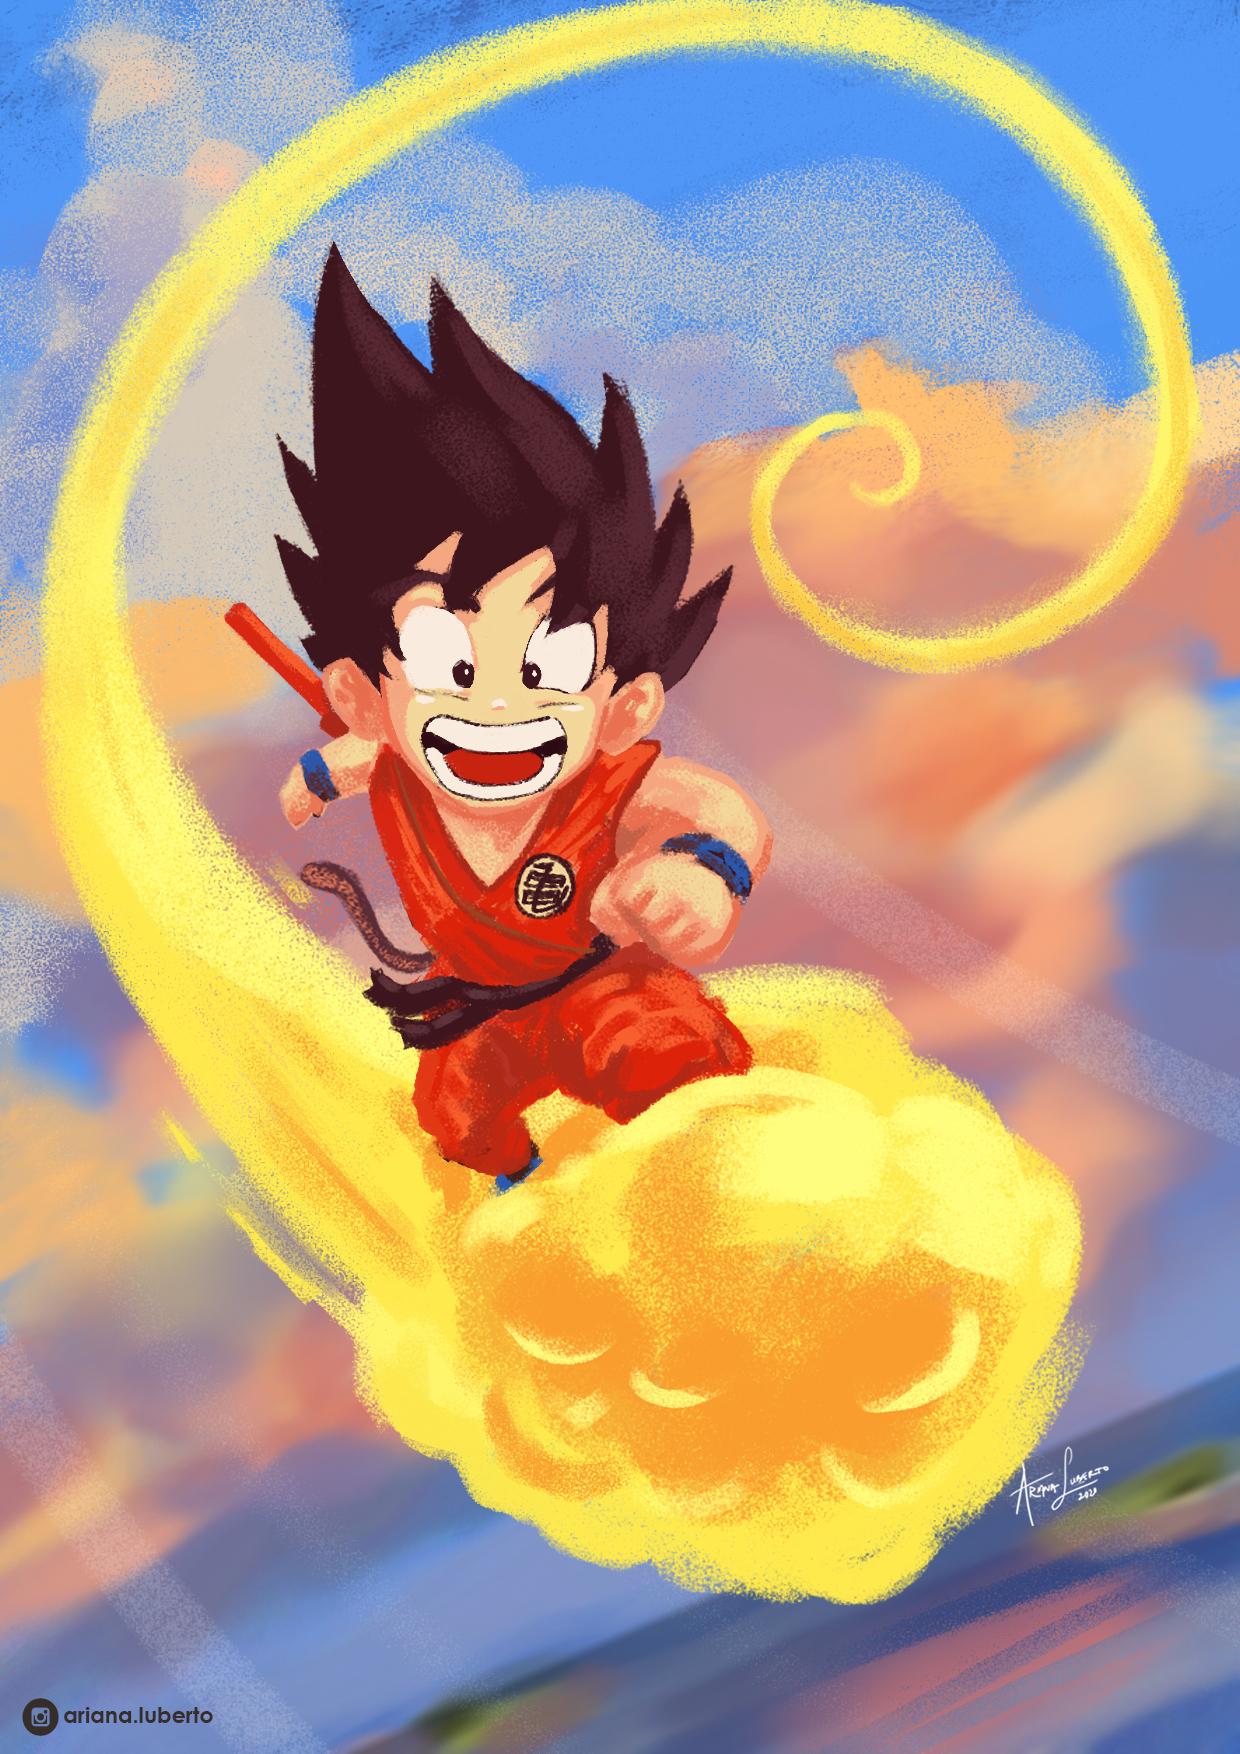 Goku oh happy day!